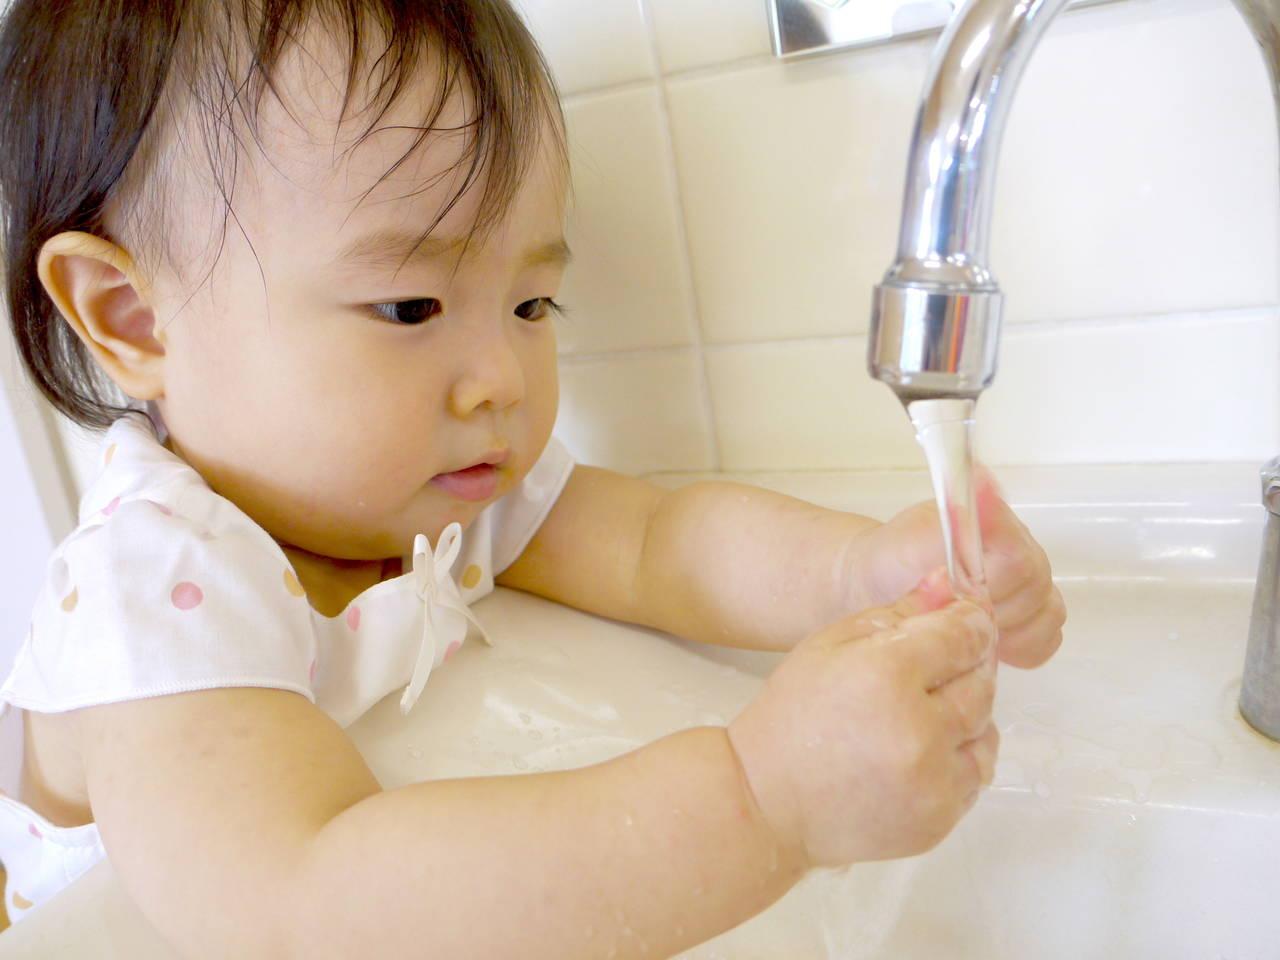 赤ちゃんでも帰宅後の手洗いは必要?いつから始めるのかと始め方